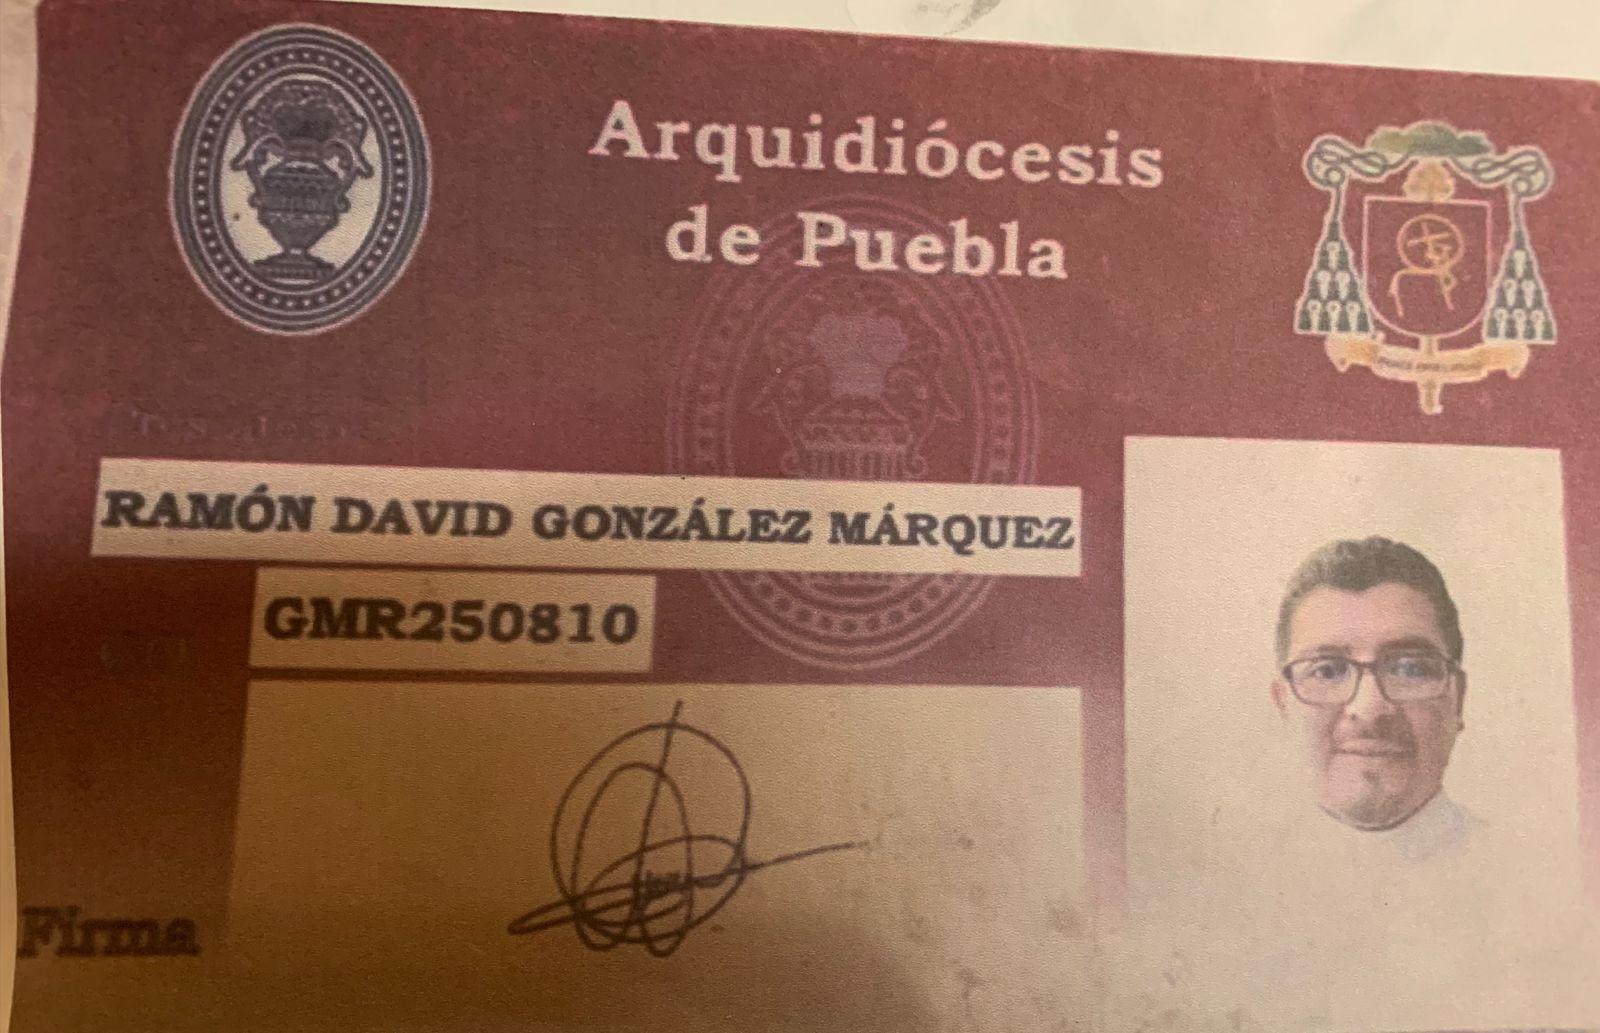 Alerta Arquidiócesis sobre falso padre que oficia misas en Coronango, Zacatepec y Cholula